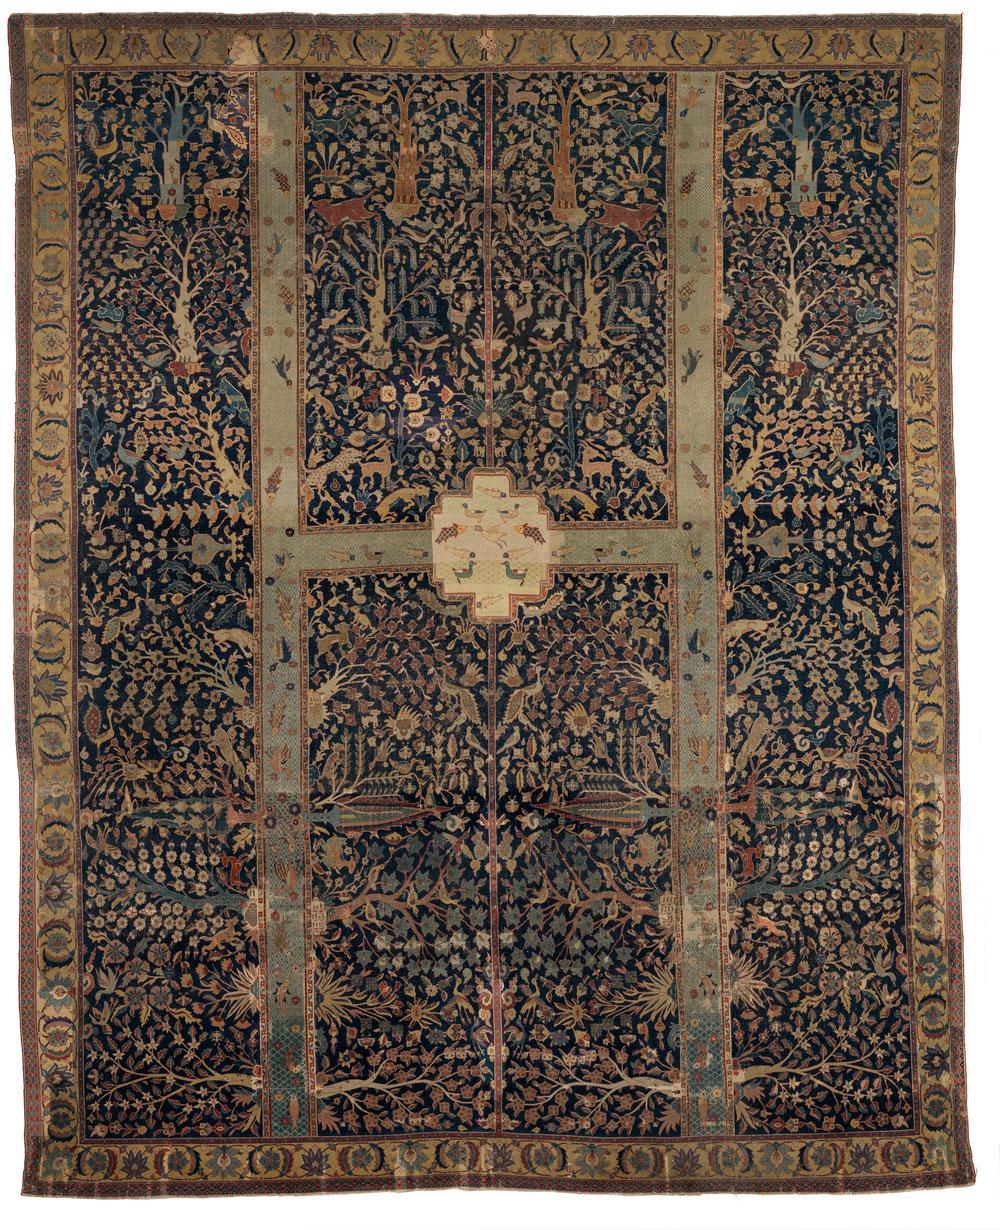 Burrell Collection Wagner garden carpet at Bonhams